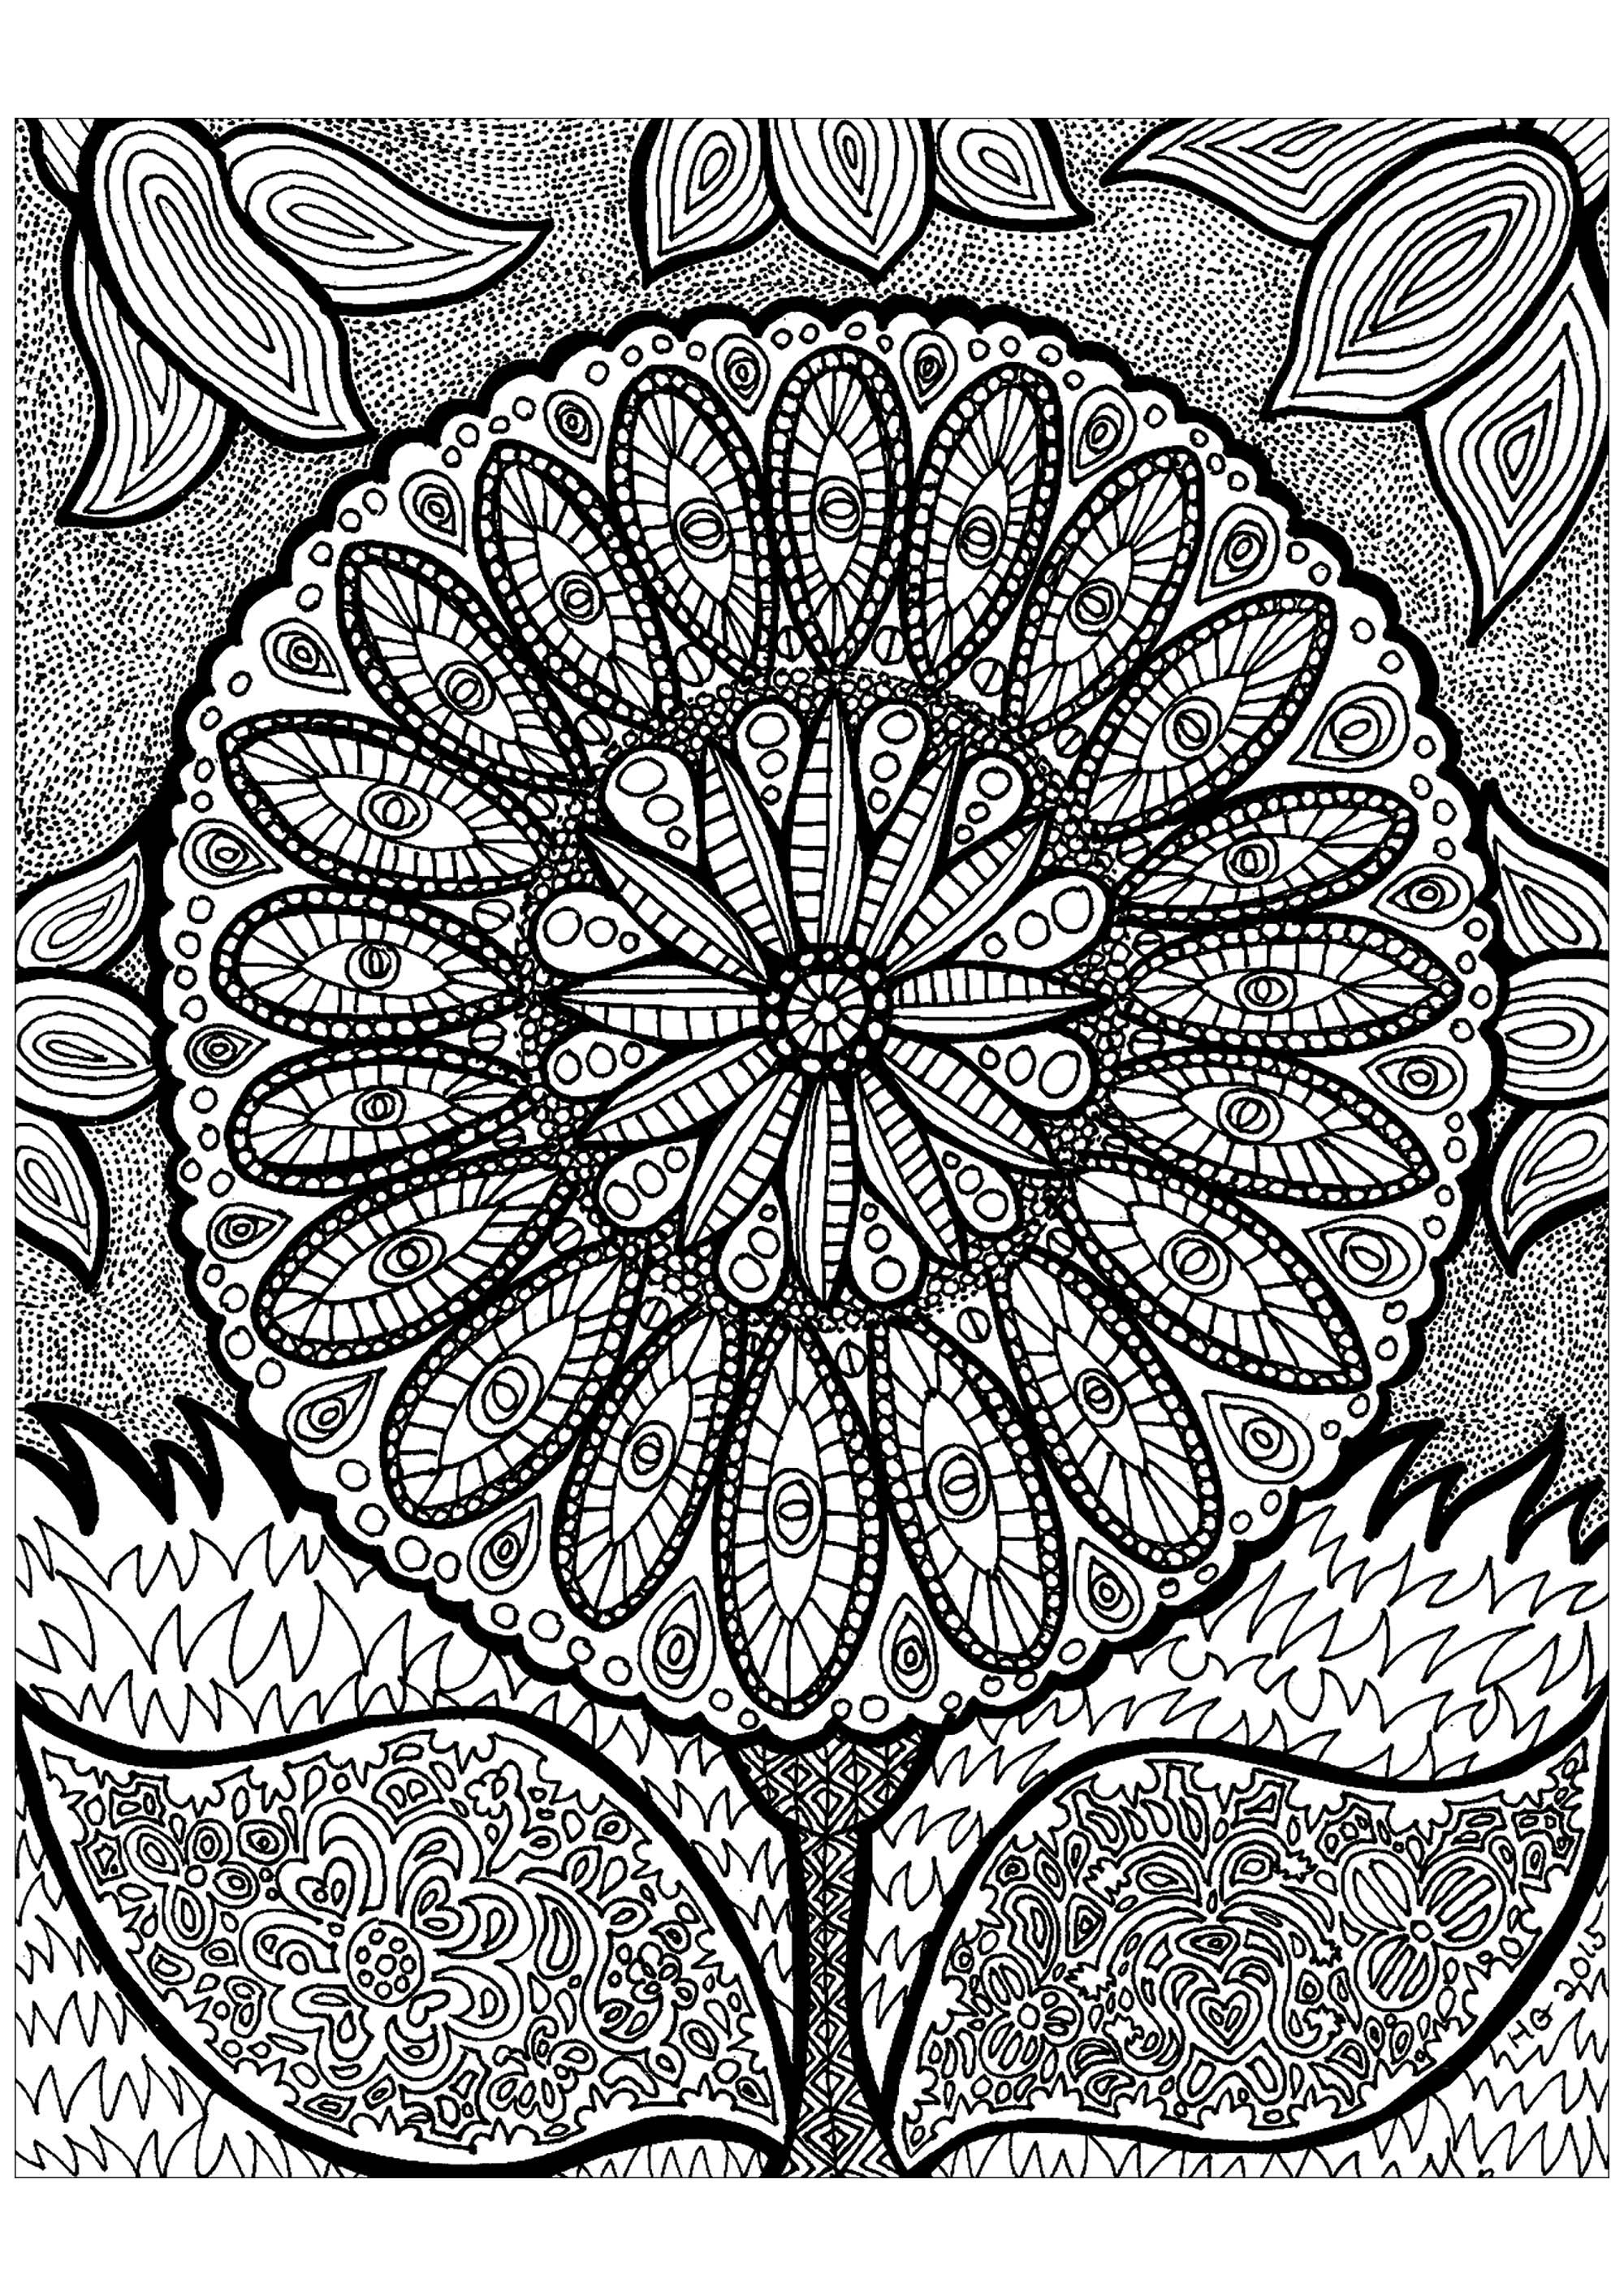 Disegni da Colorare per Adulti : Zentangle - 1